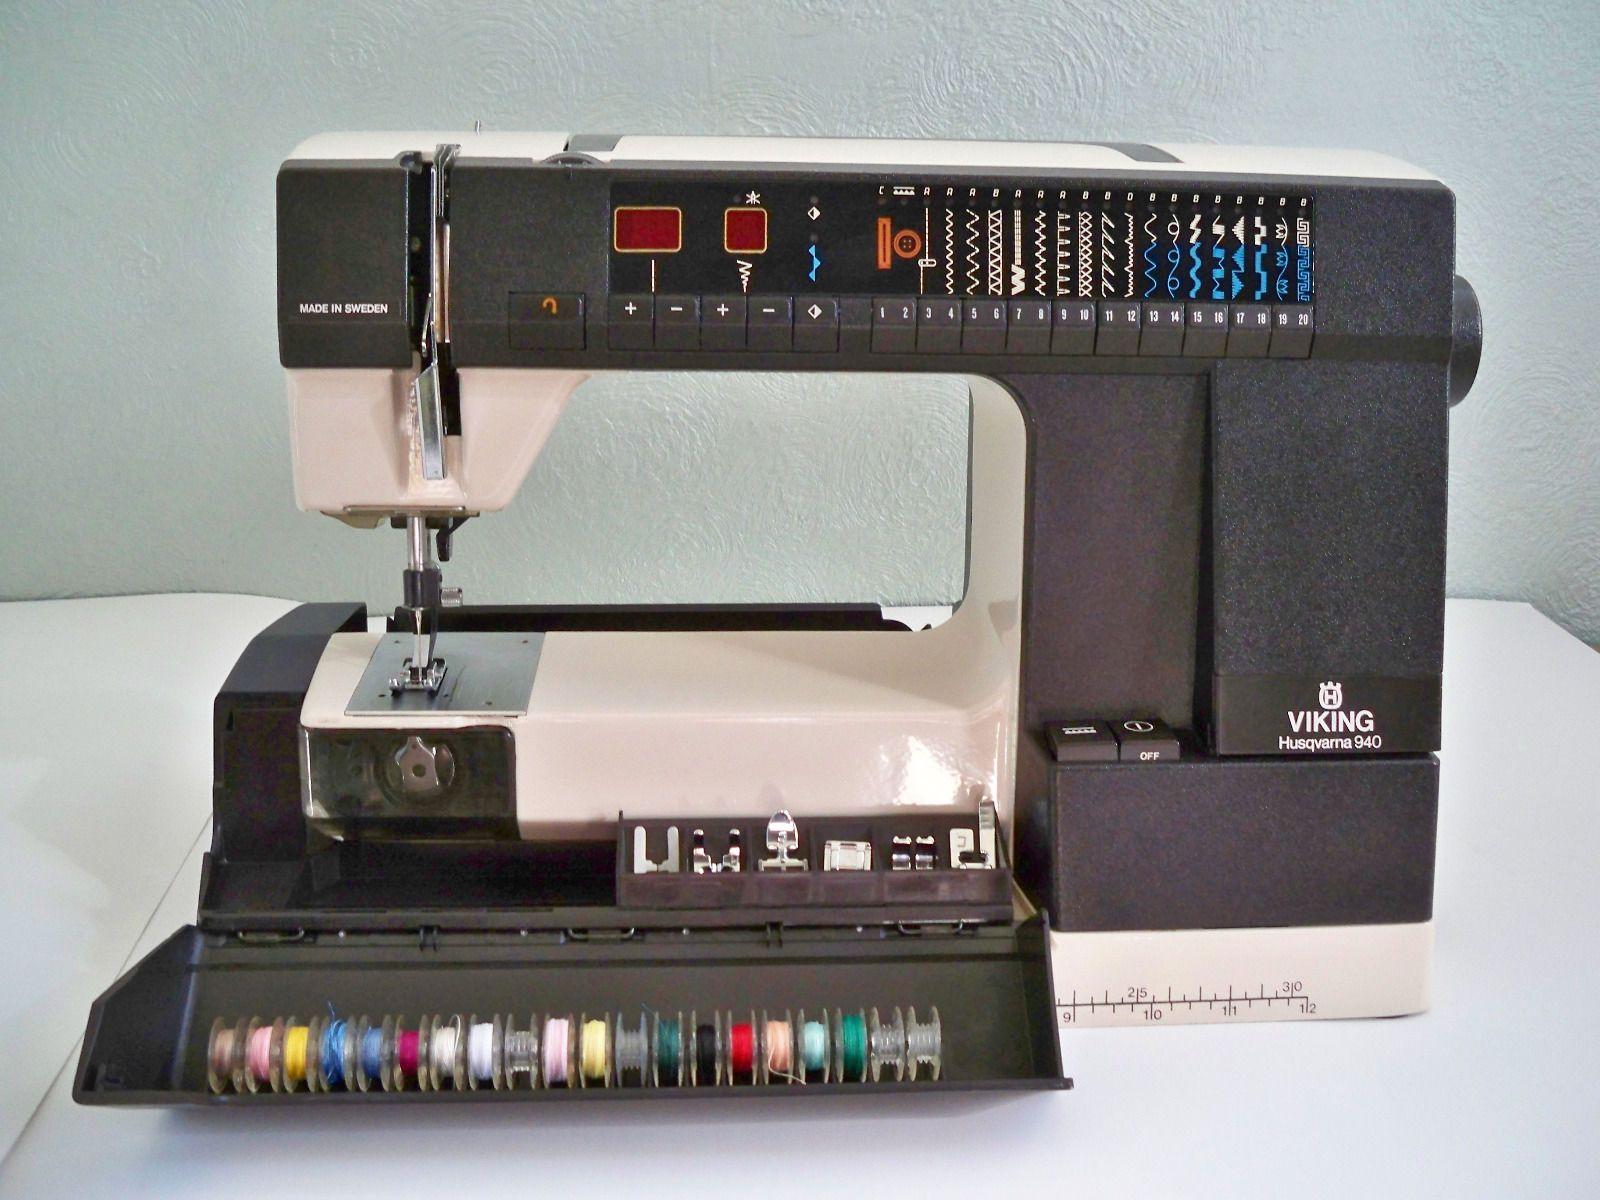 Husqvarna Viking 940 sewing machine | eBay